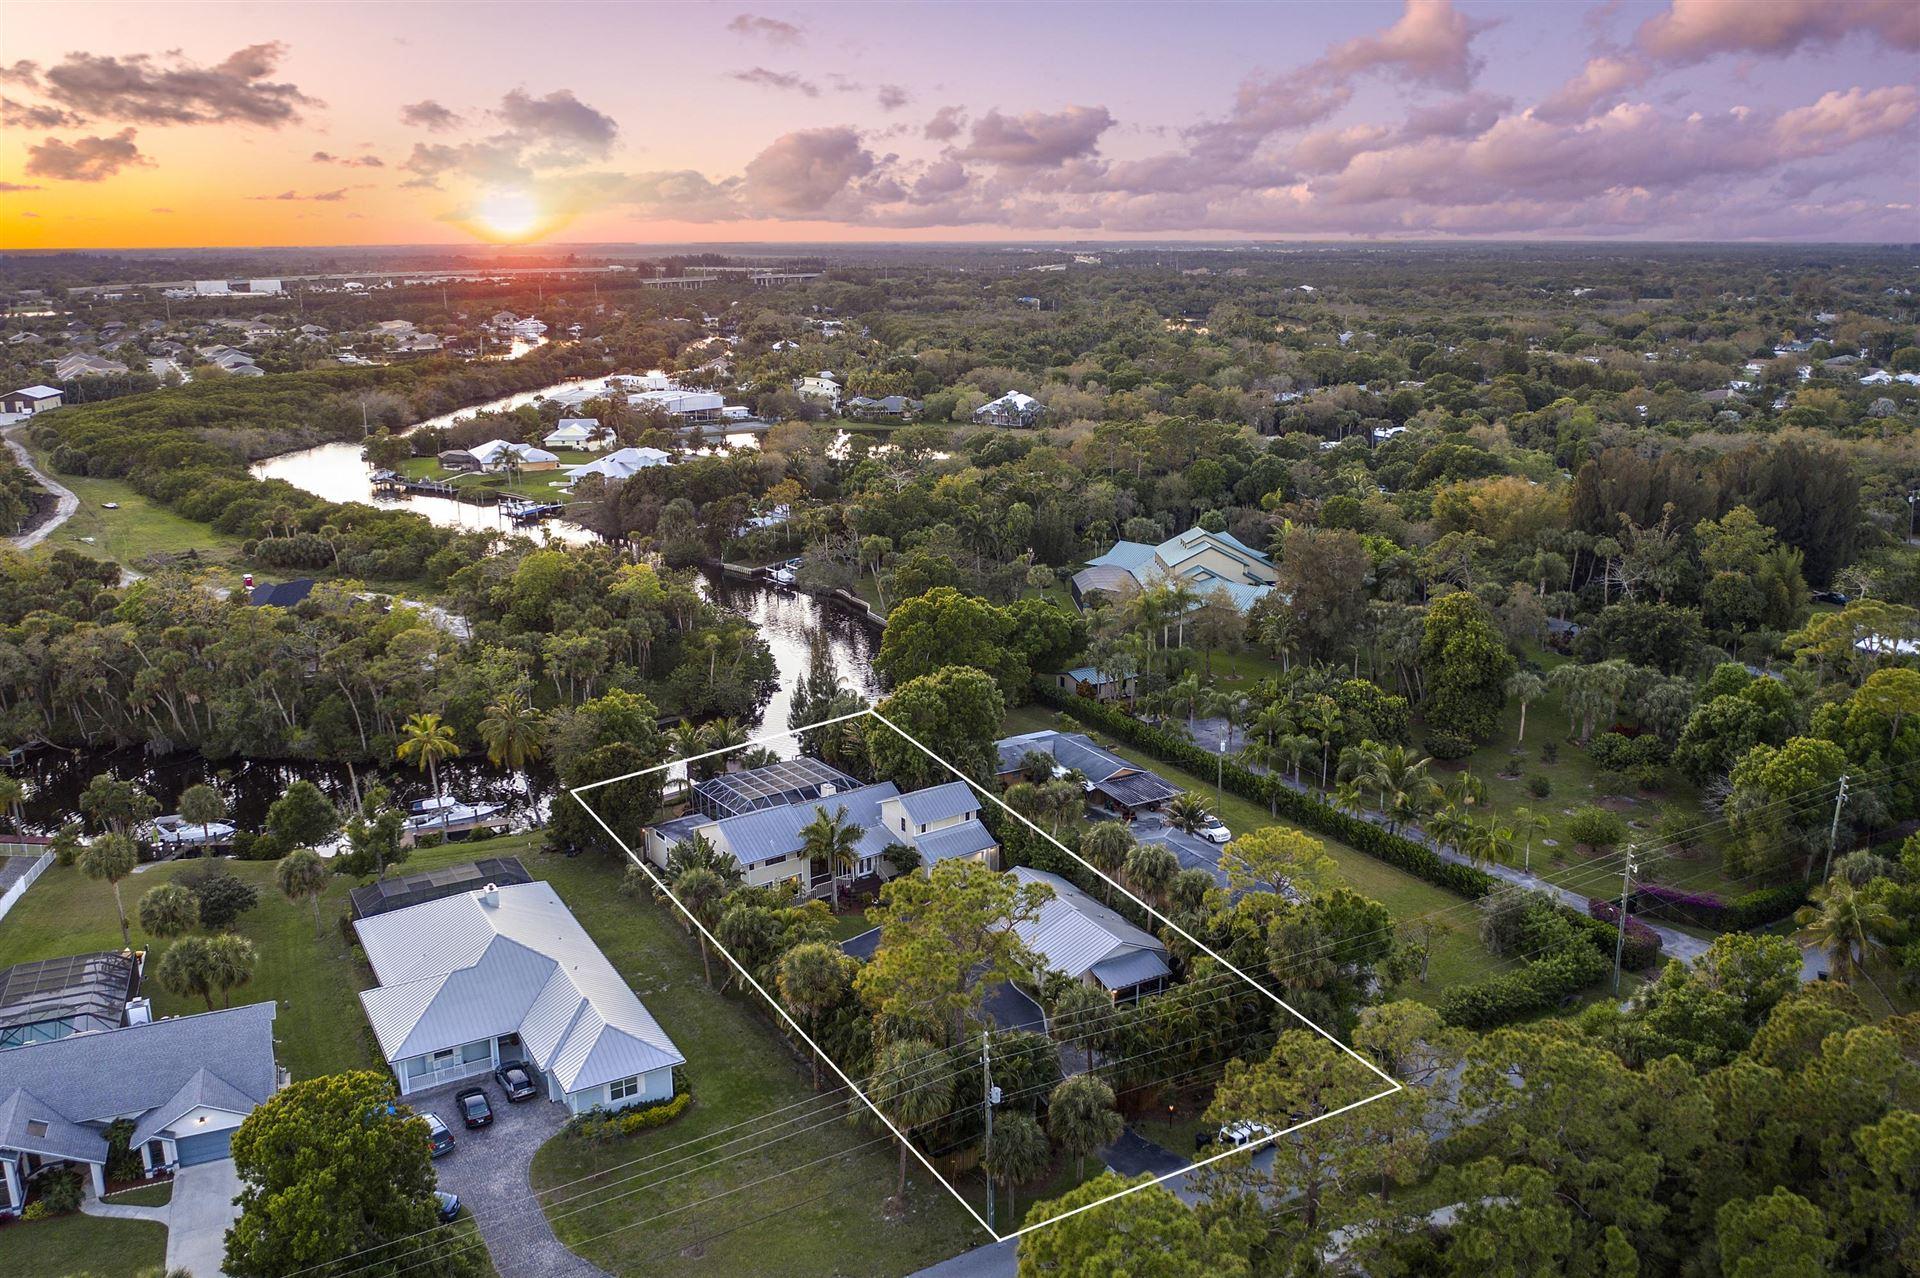 6890 SW Gaines Avenue, Stuart, FL 34997 - #: RX-10606326